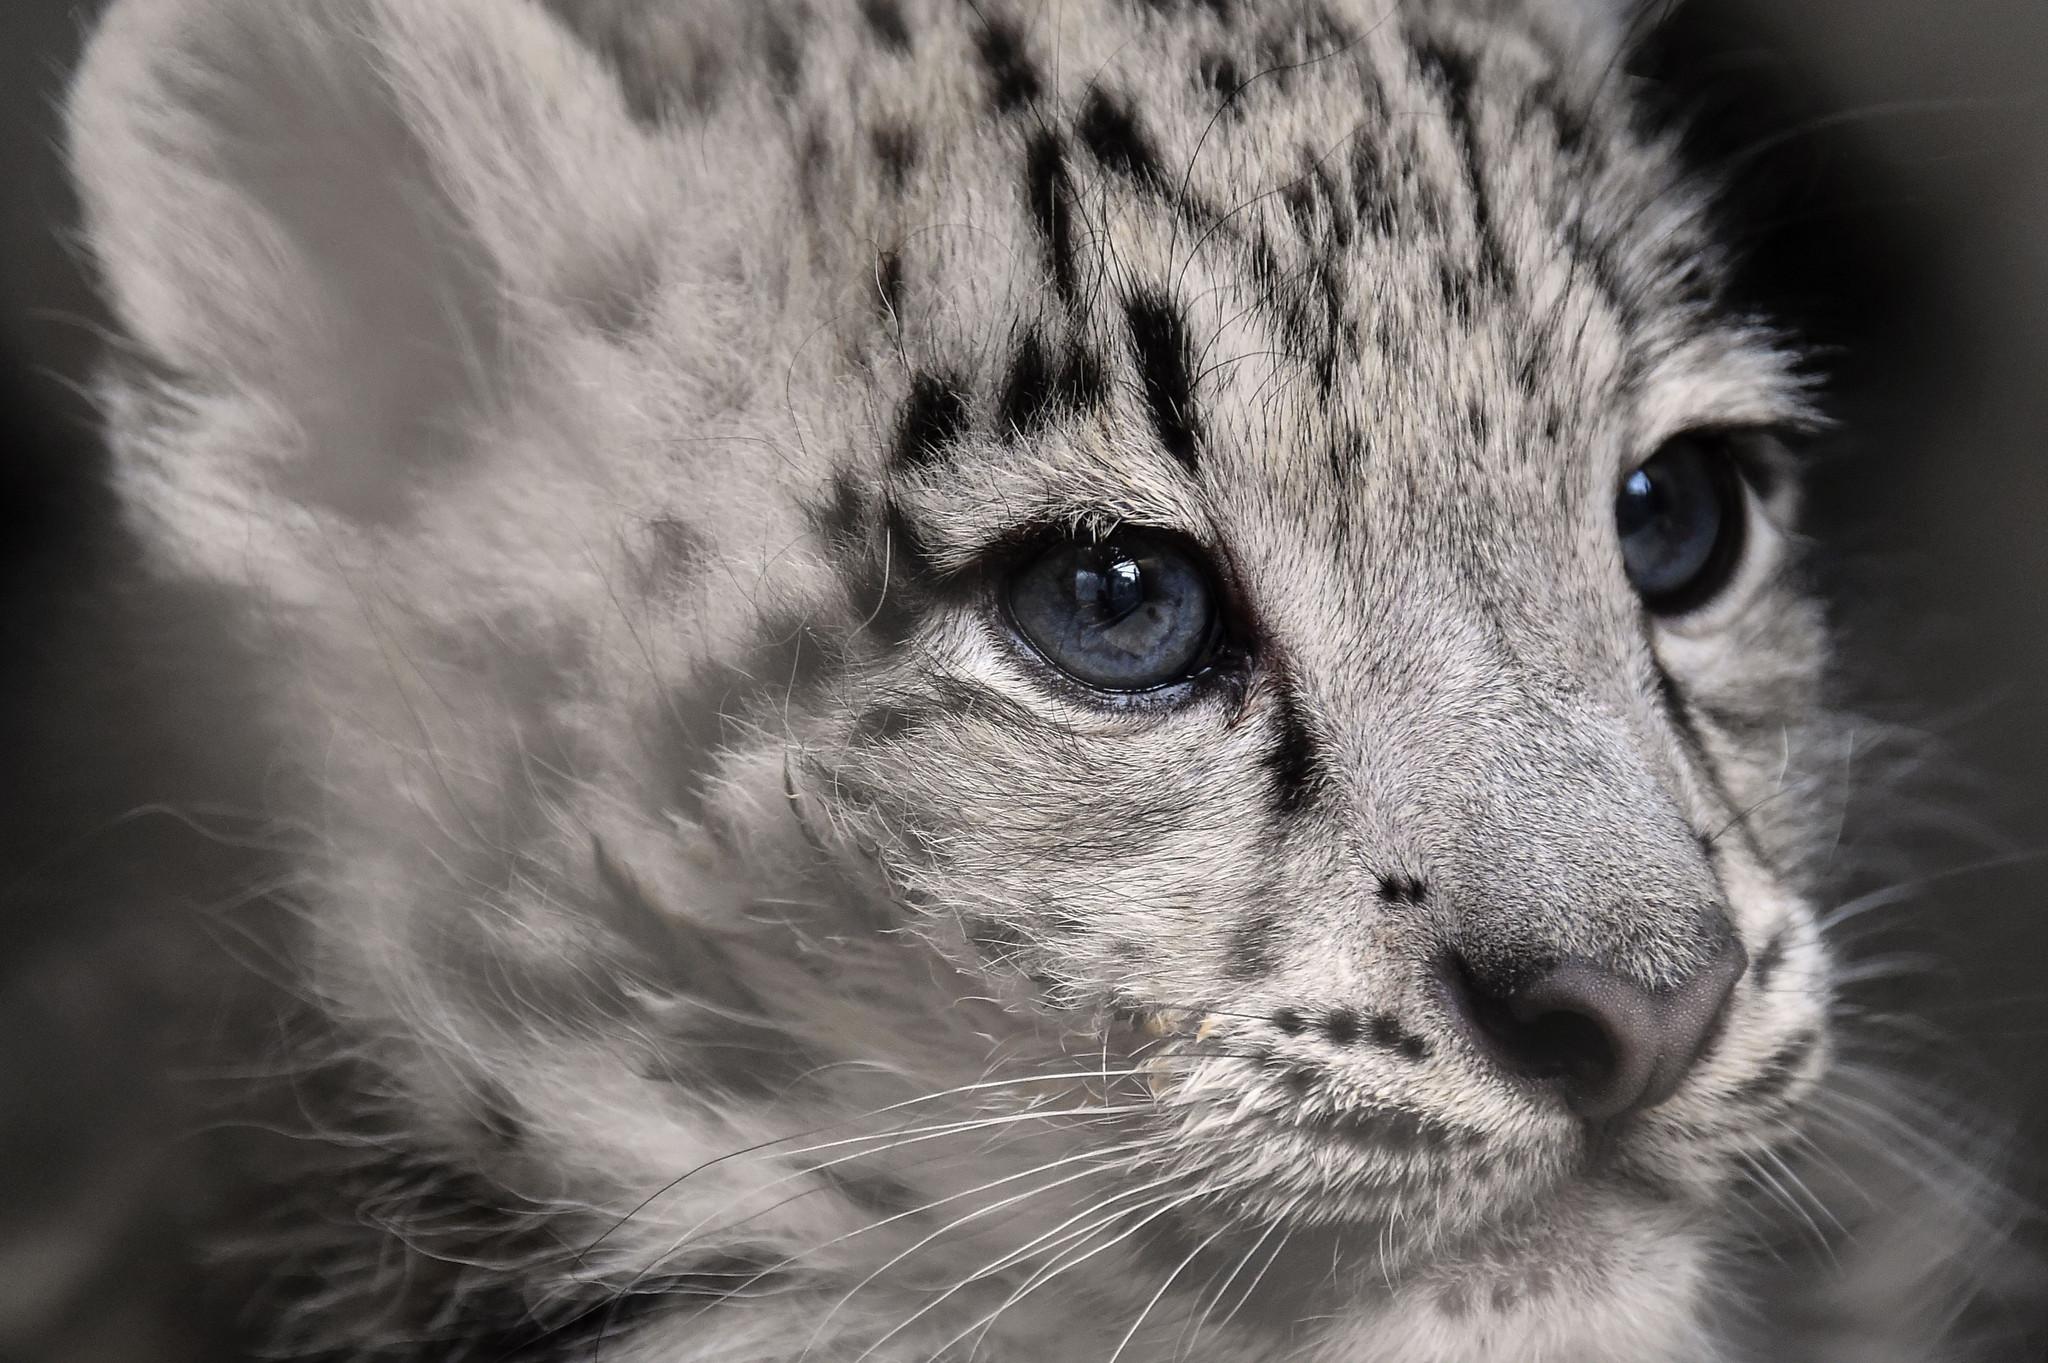 法国动物园新生小雪豹颜值爆表